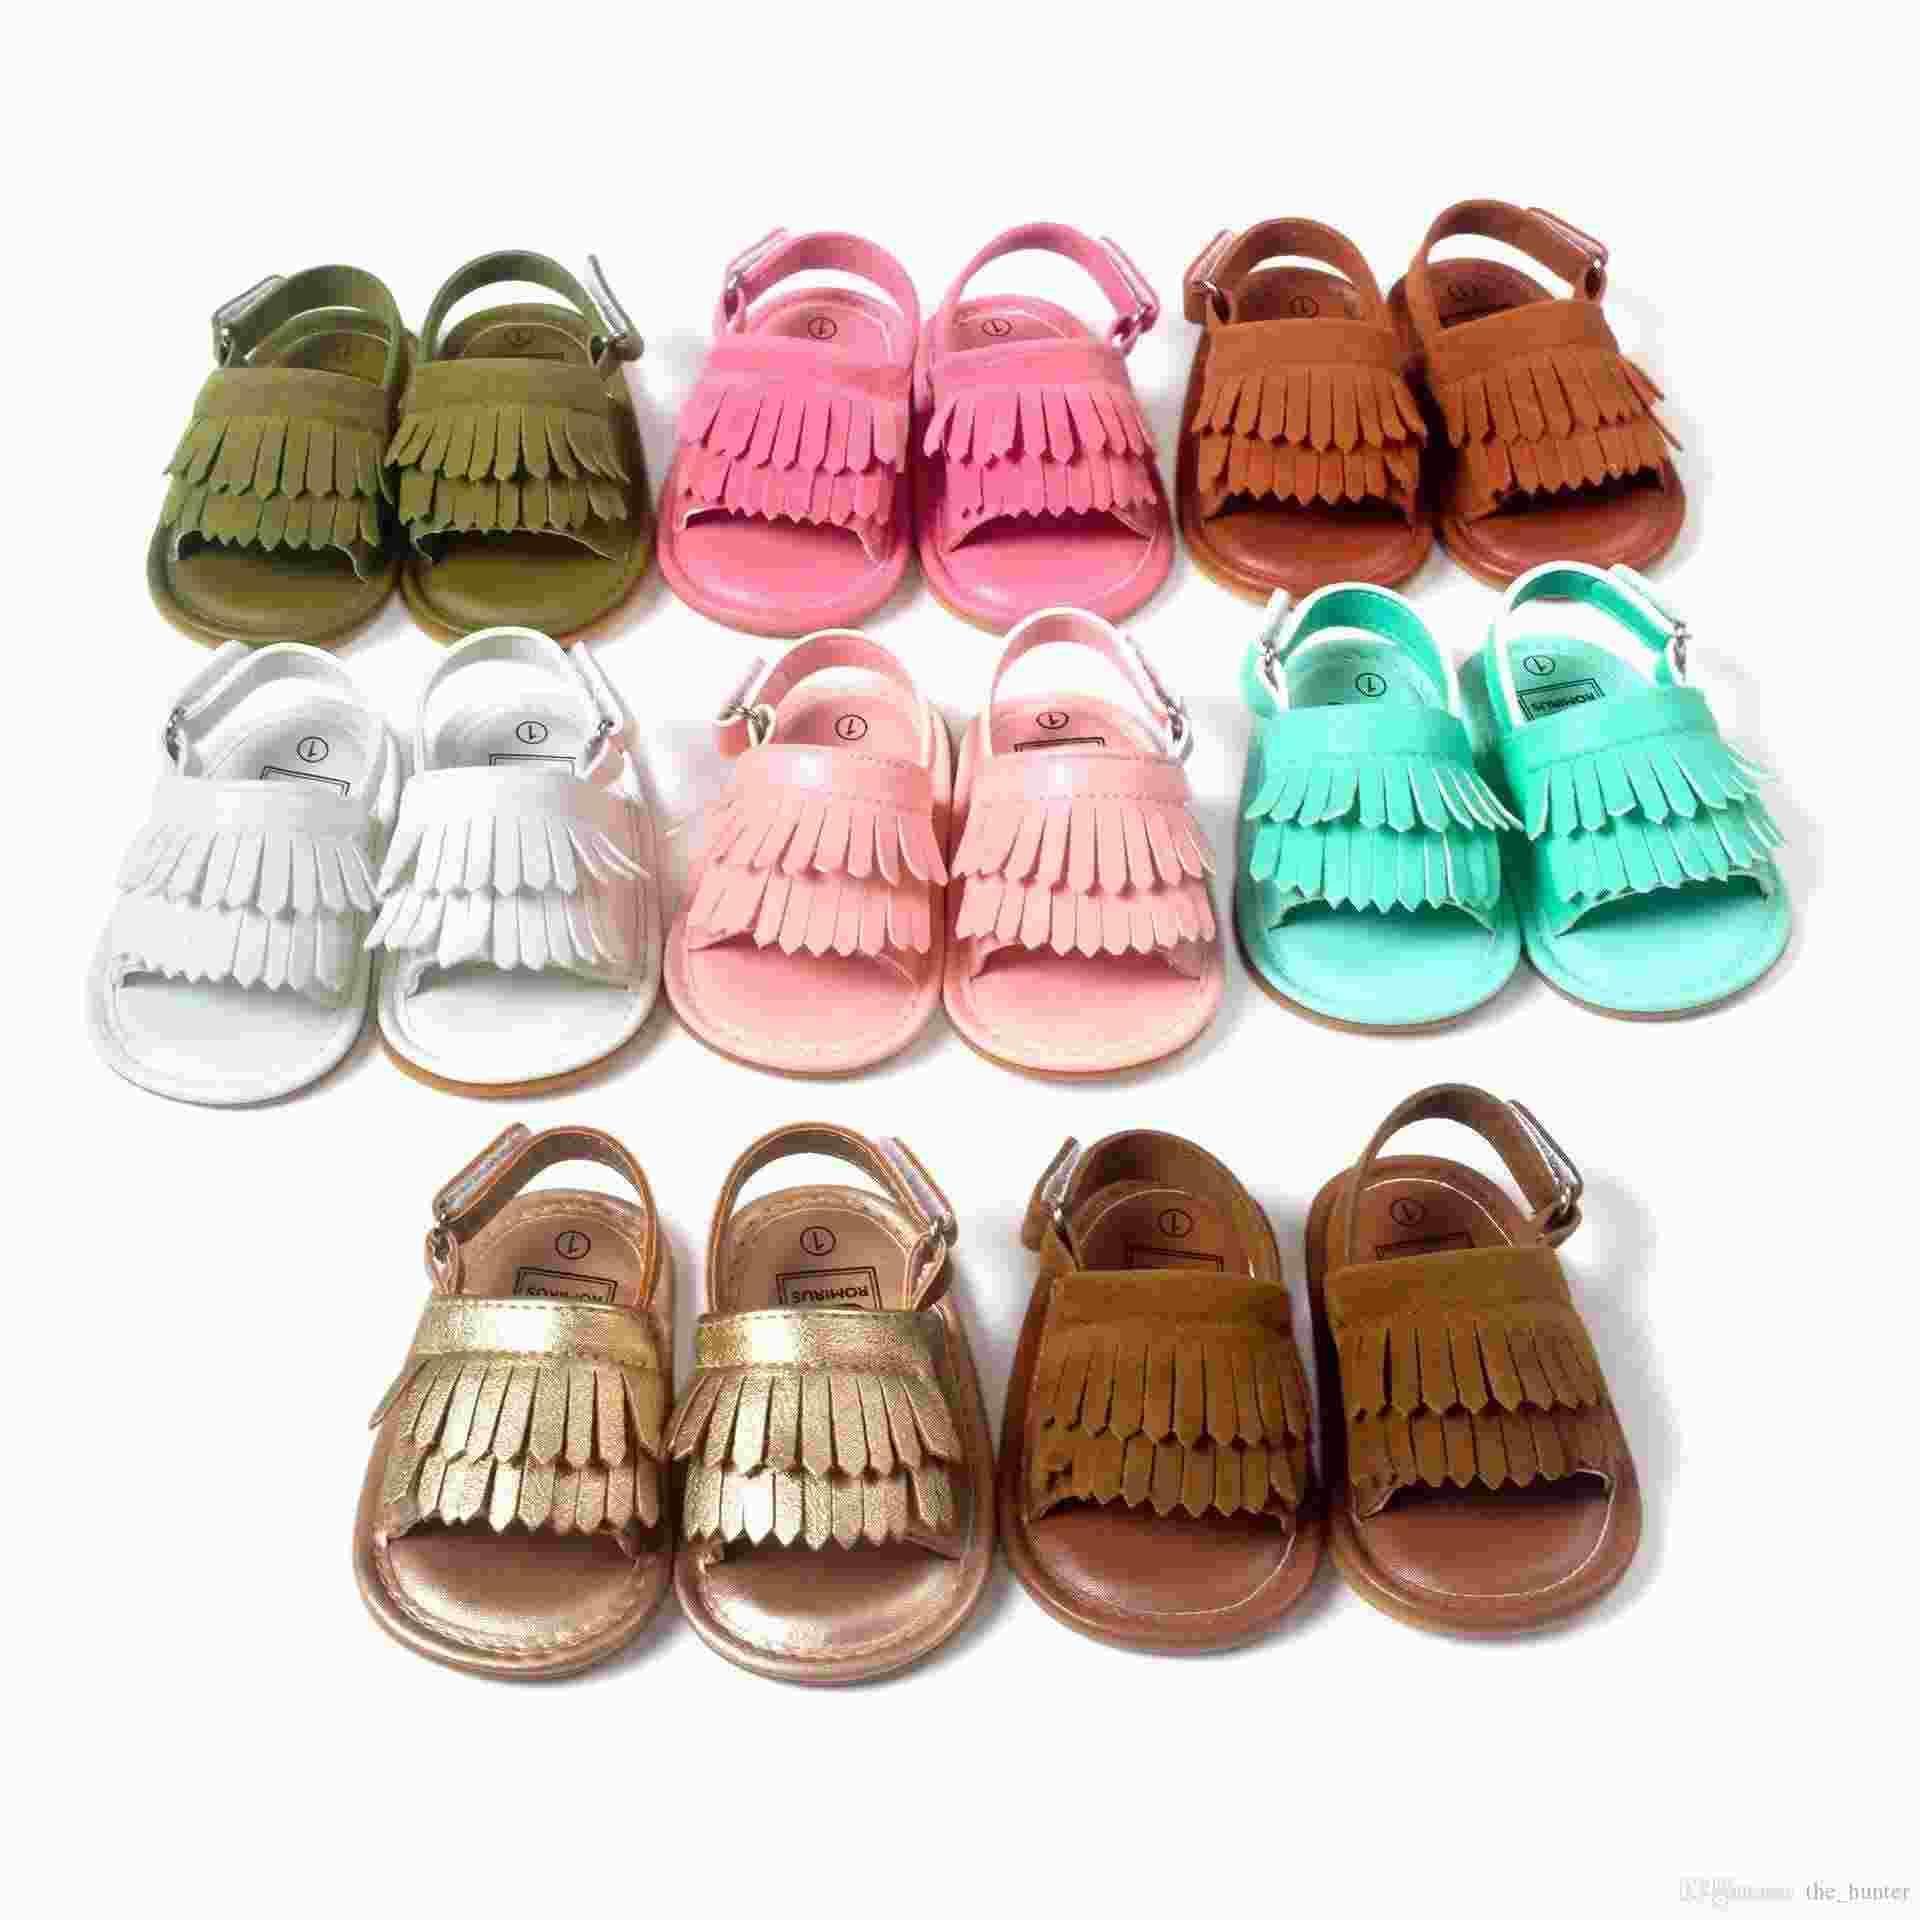 93026ded82e52 Acheter Kid Tassel Chaussure Sandale Chaussures Bébé Chaussures Enfants Sandales  Infant Chaussures Garçons Filles D été Sandales Enfants Chaussures Toddler  ...